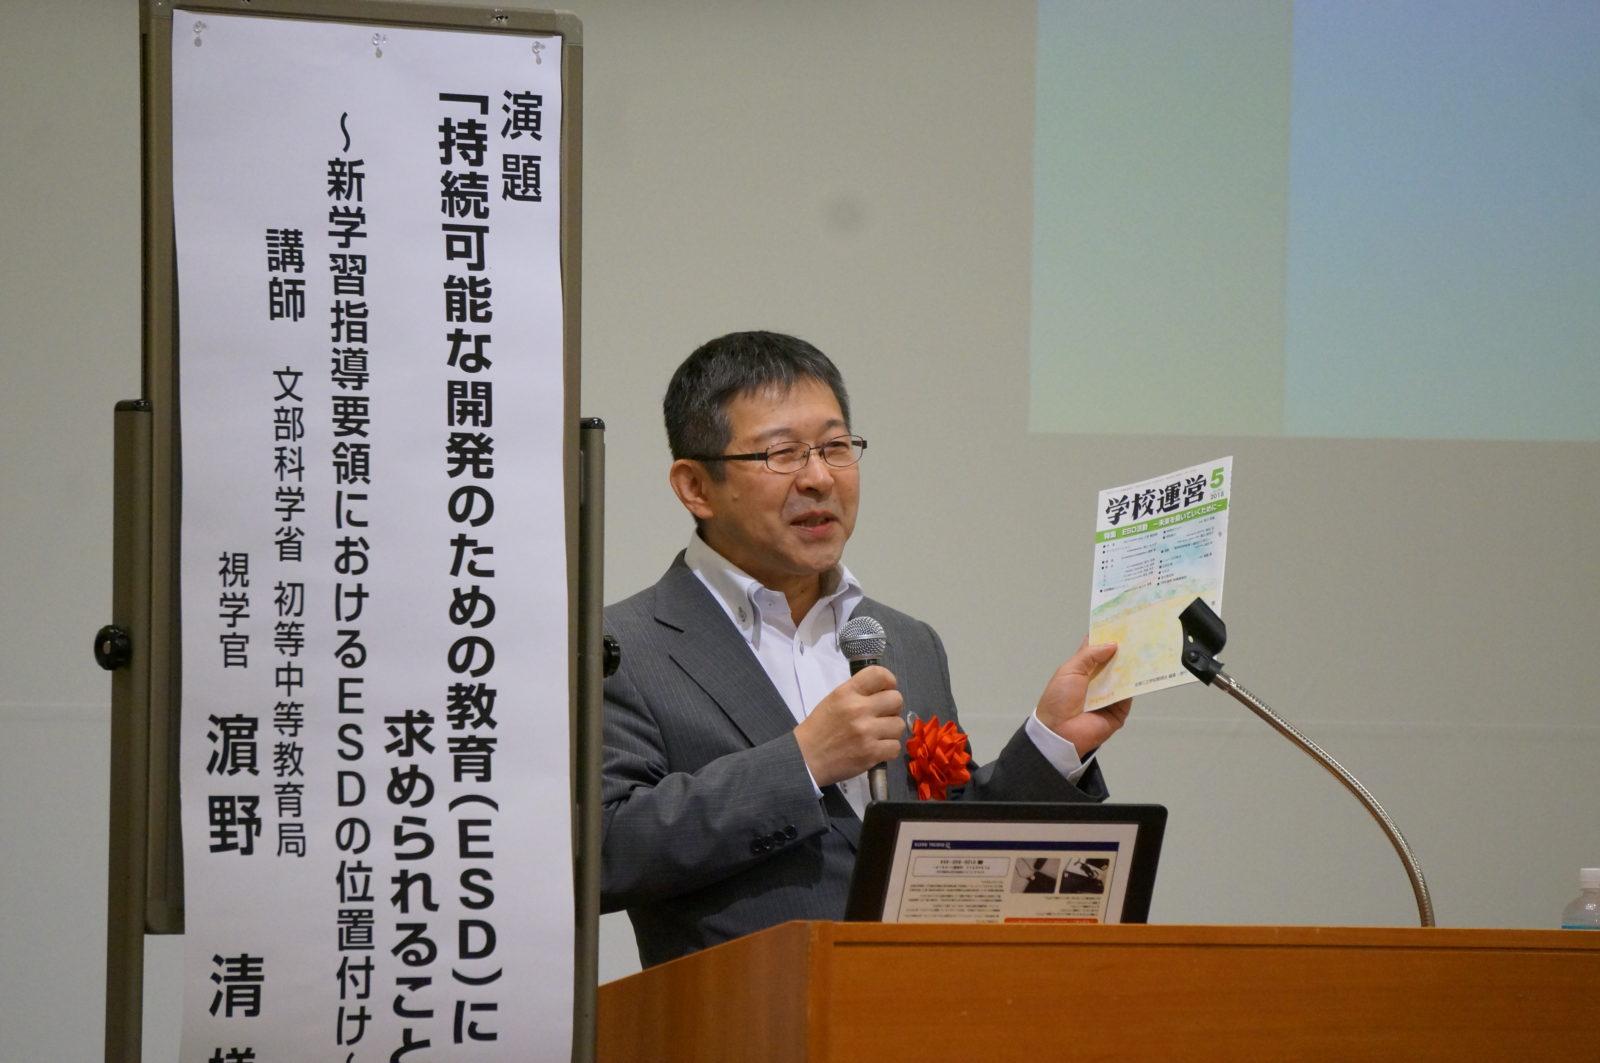 講演会講師:文科省 濵野 清 氏